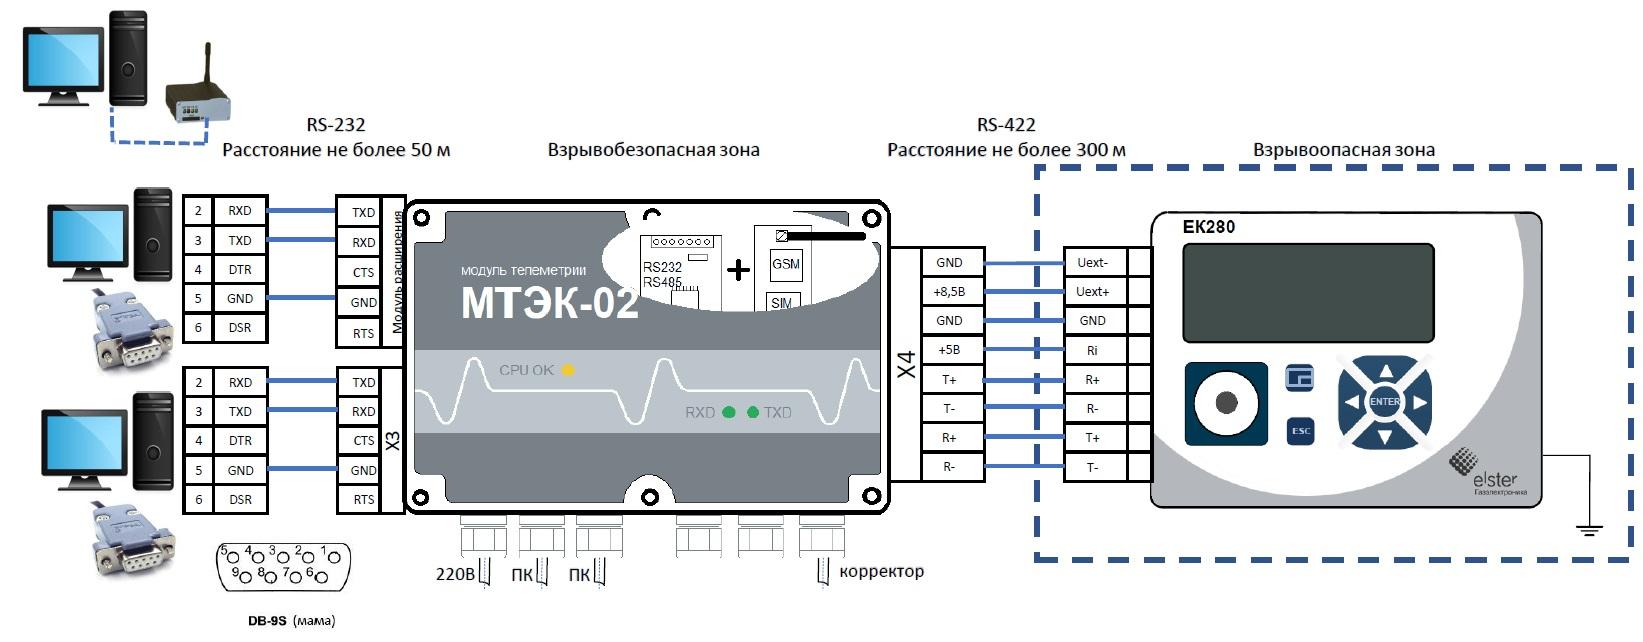 Подключение ЕК280 через МТЭК-02 по интерфейсу RS-232 и GSM к ПК